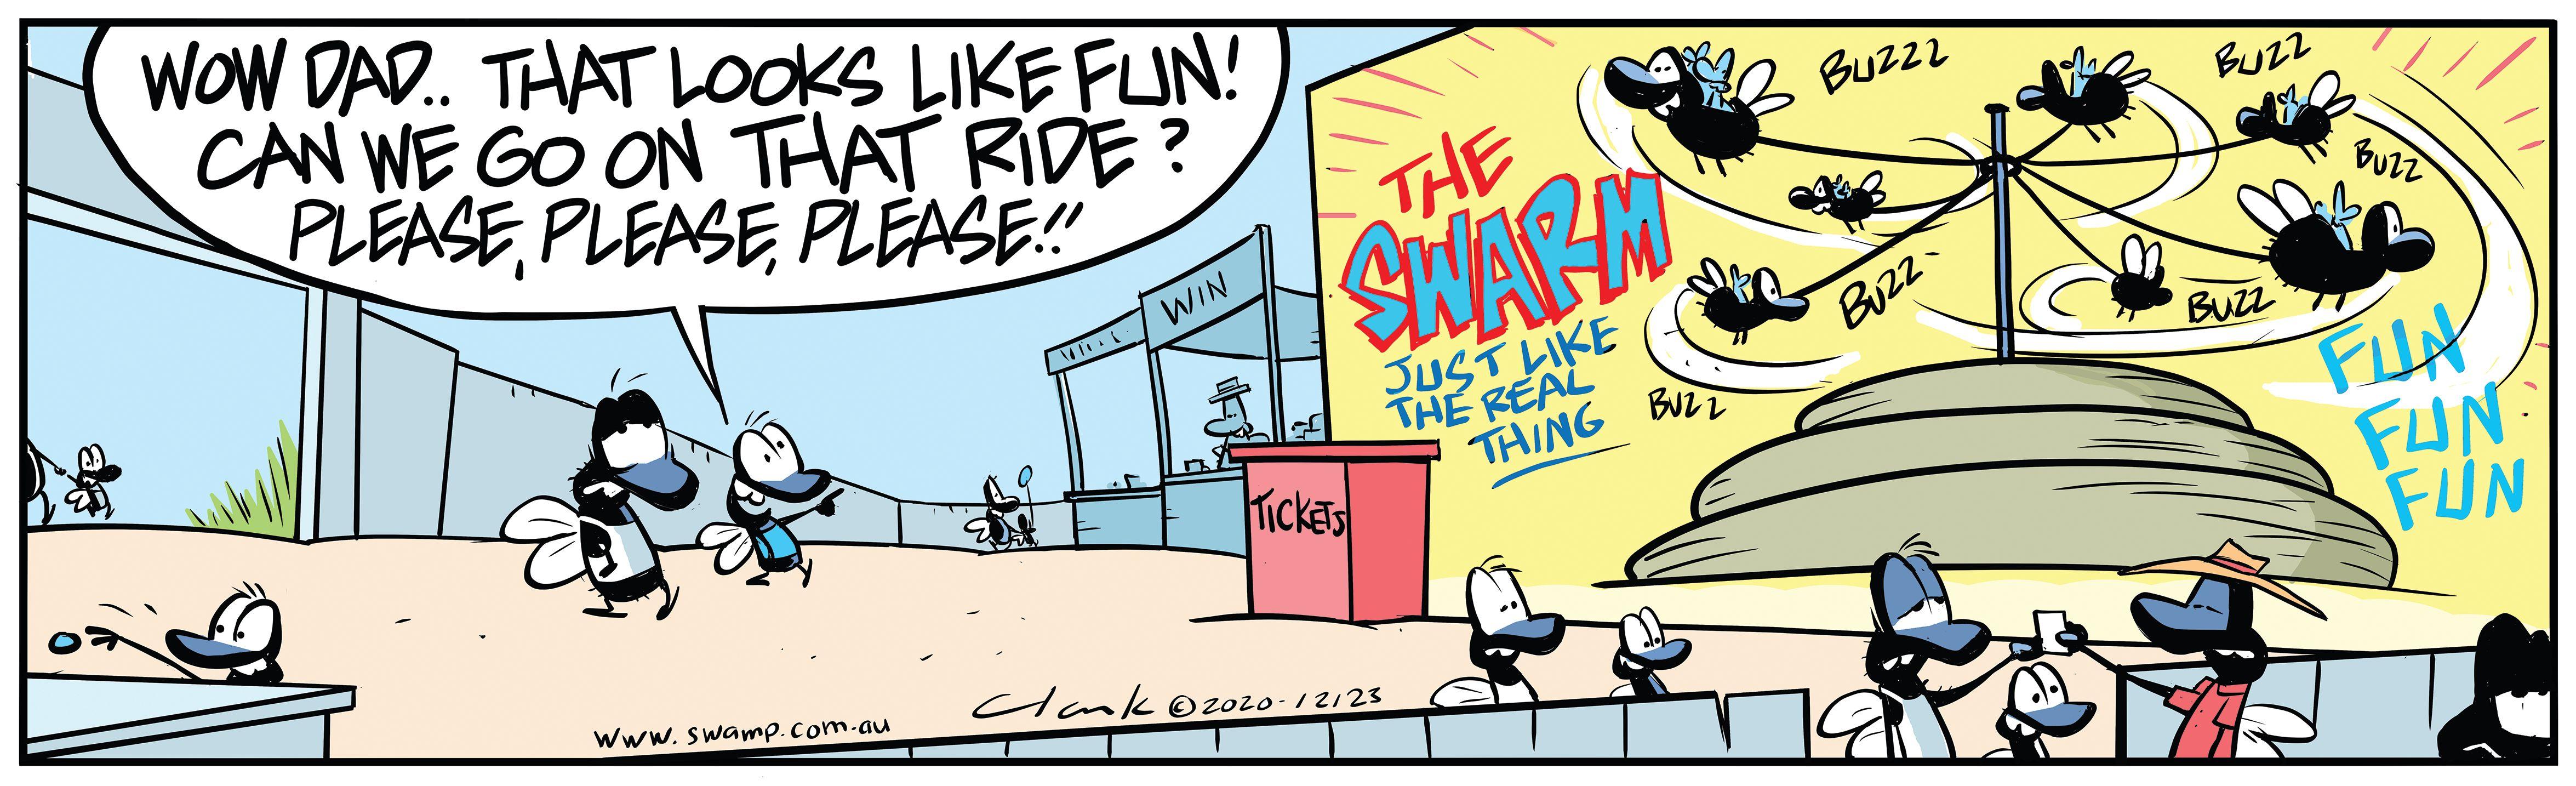 Flies Cowpat Fun Ride